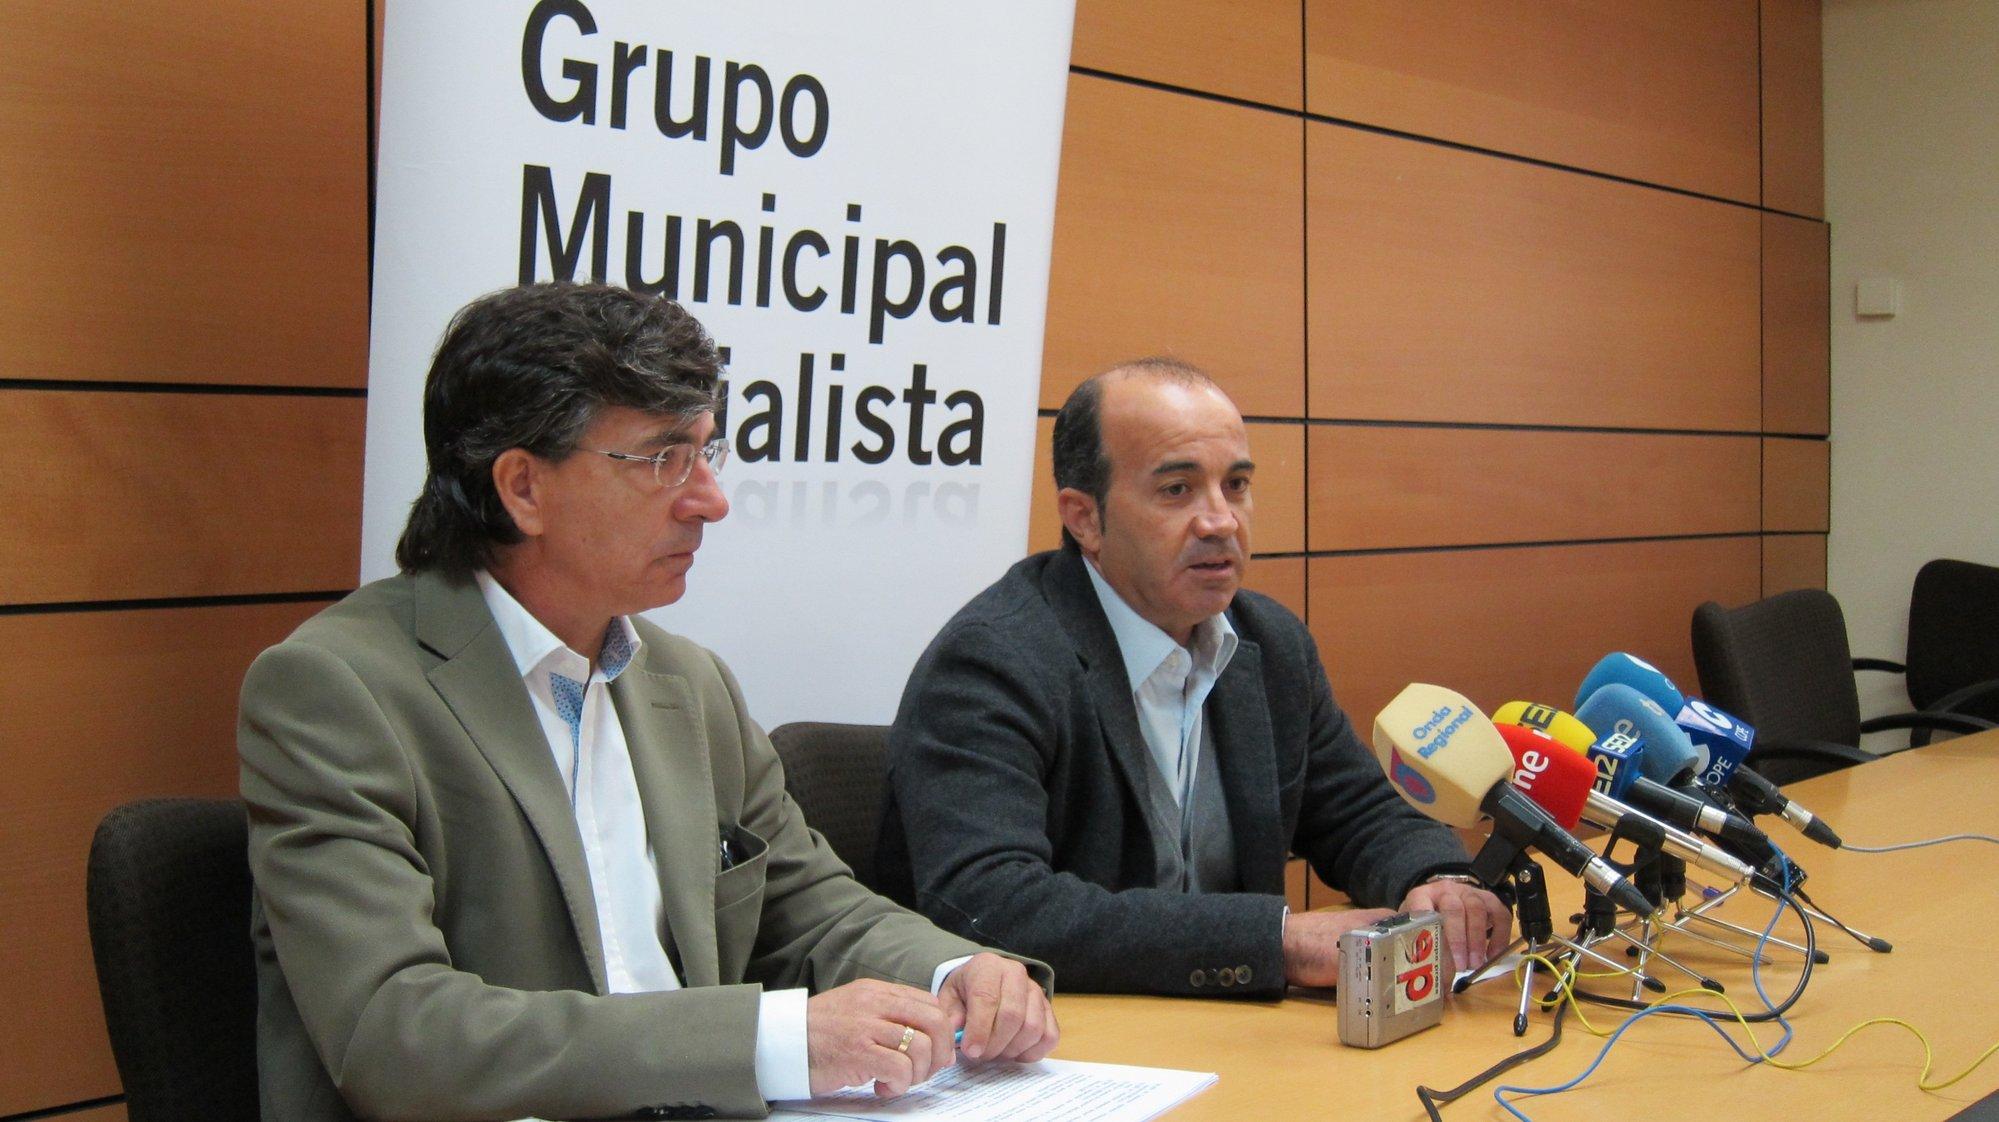 PSOE Murcia presenta un conjunto enmiendas a Presupuestos 2013 para crear 1.700 empleos y disminuir deuda por ciudadano